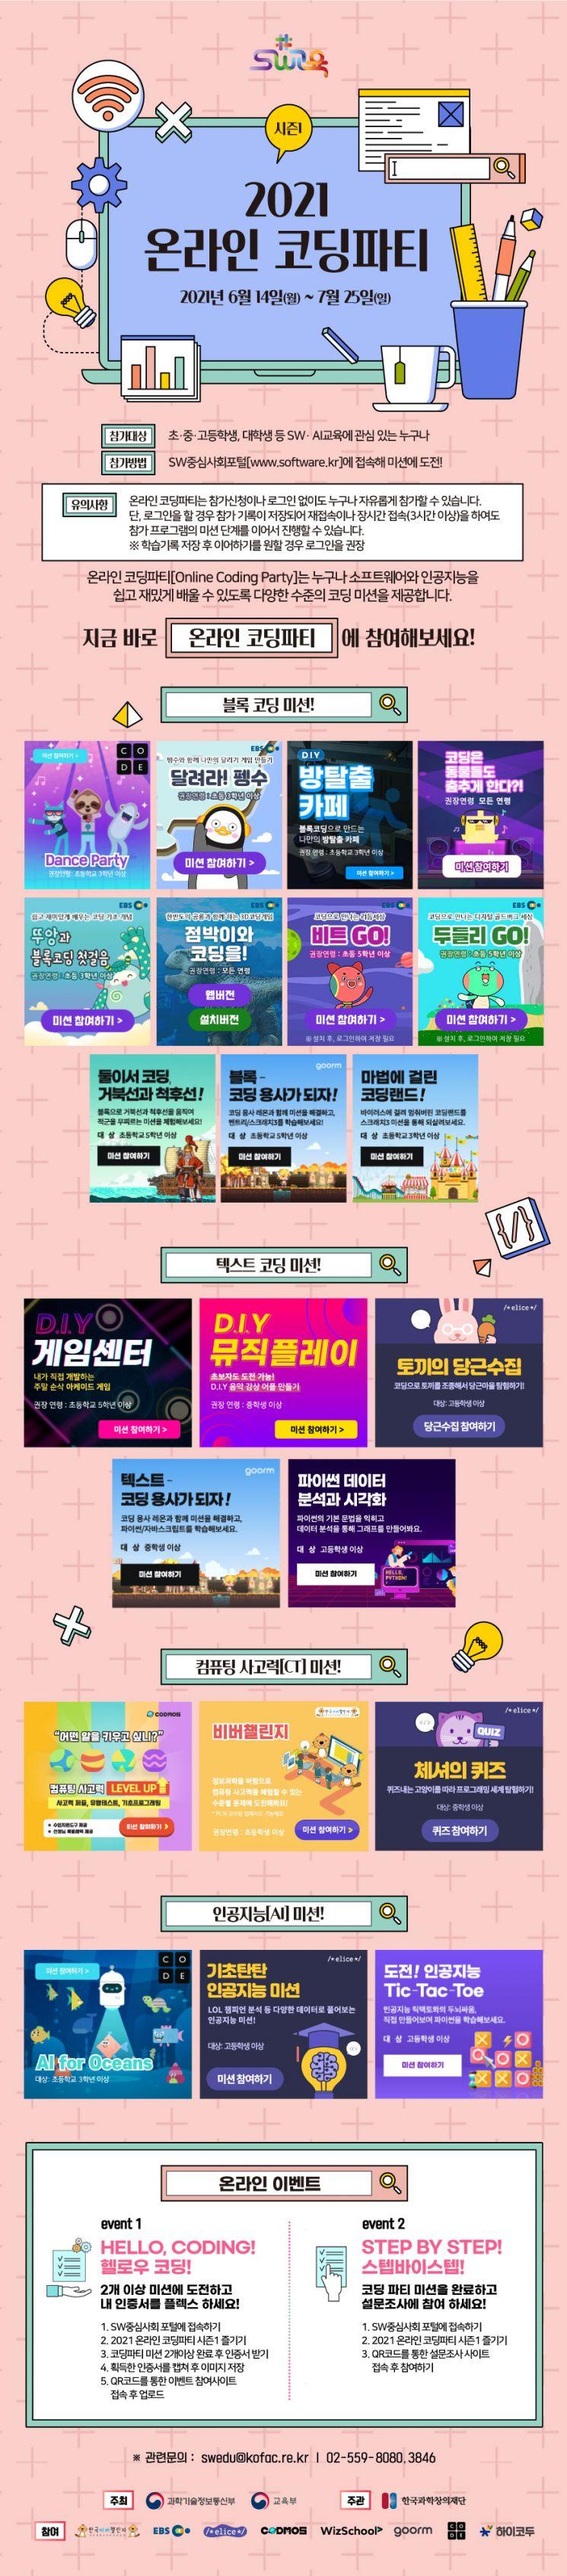 내일부터 '온라인 코딩파티 시즌1' 6주간 개최